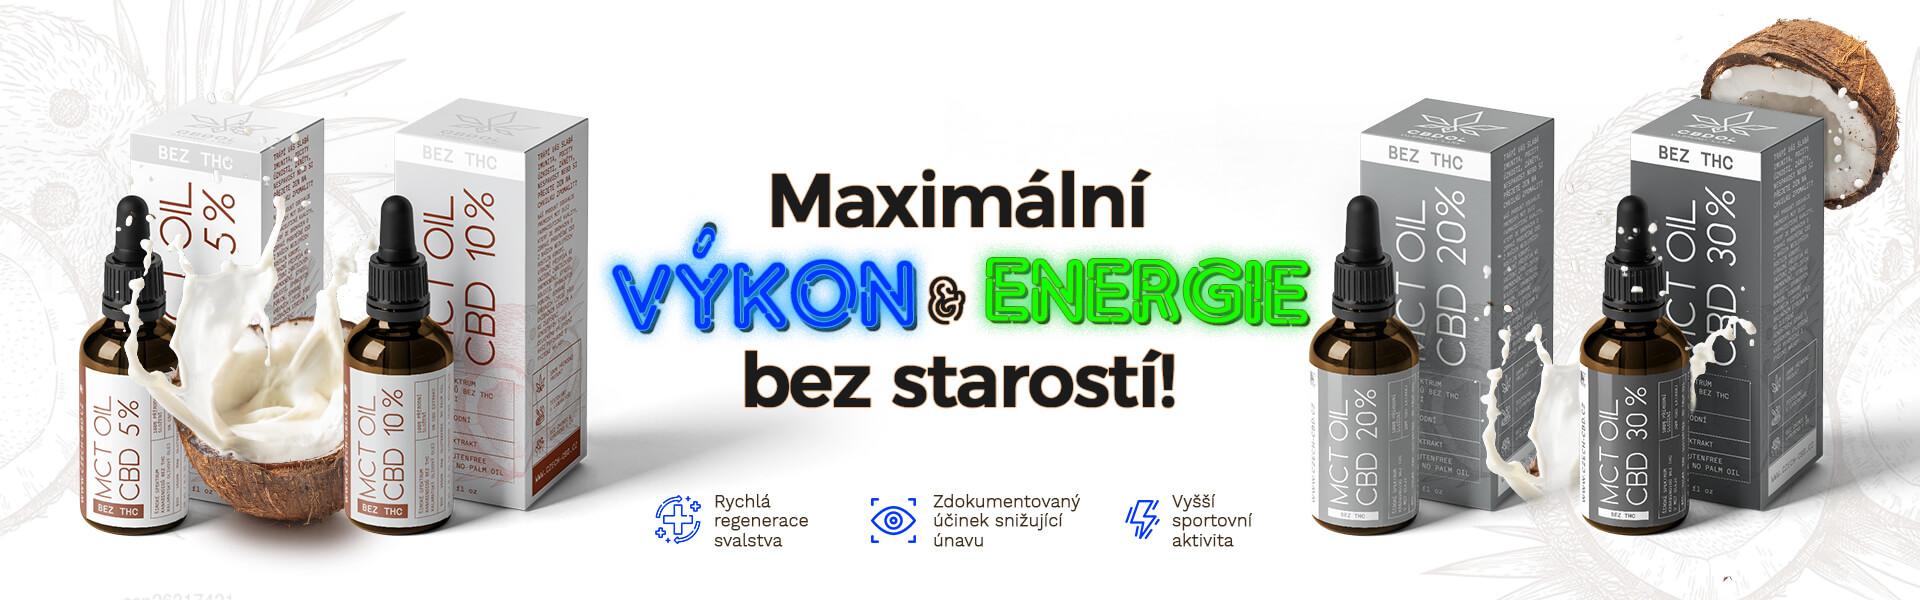 MCT kokosový olej s cbd! Kvalitní spánek, relaxace svalstva a klidná mysl.